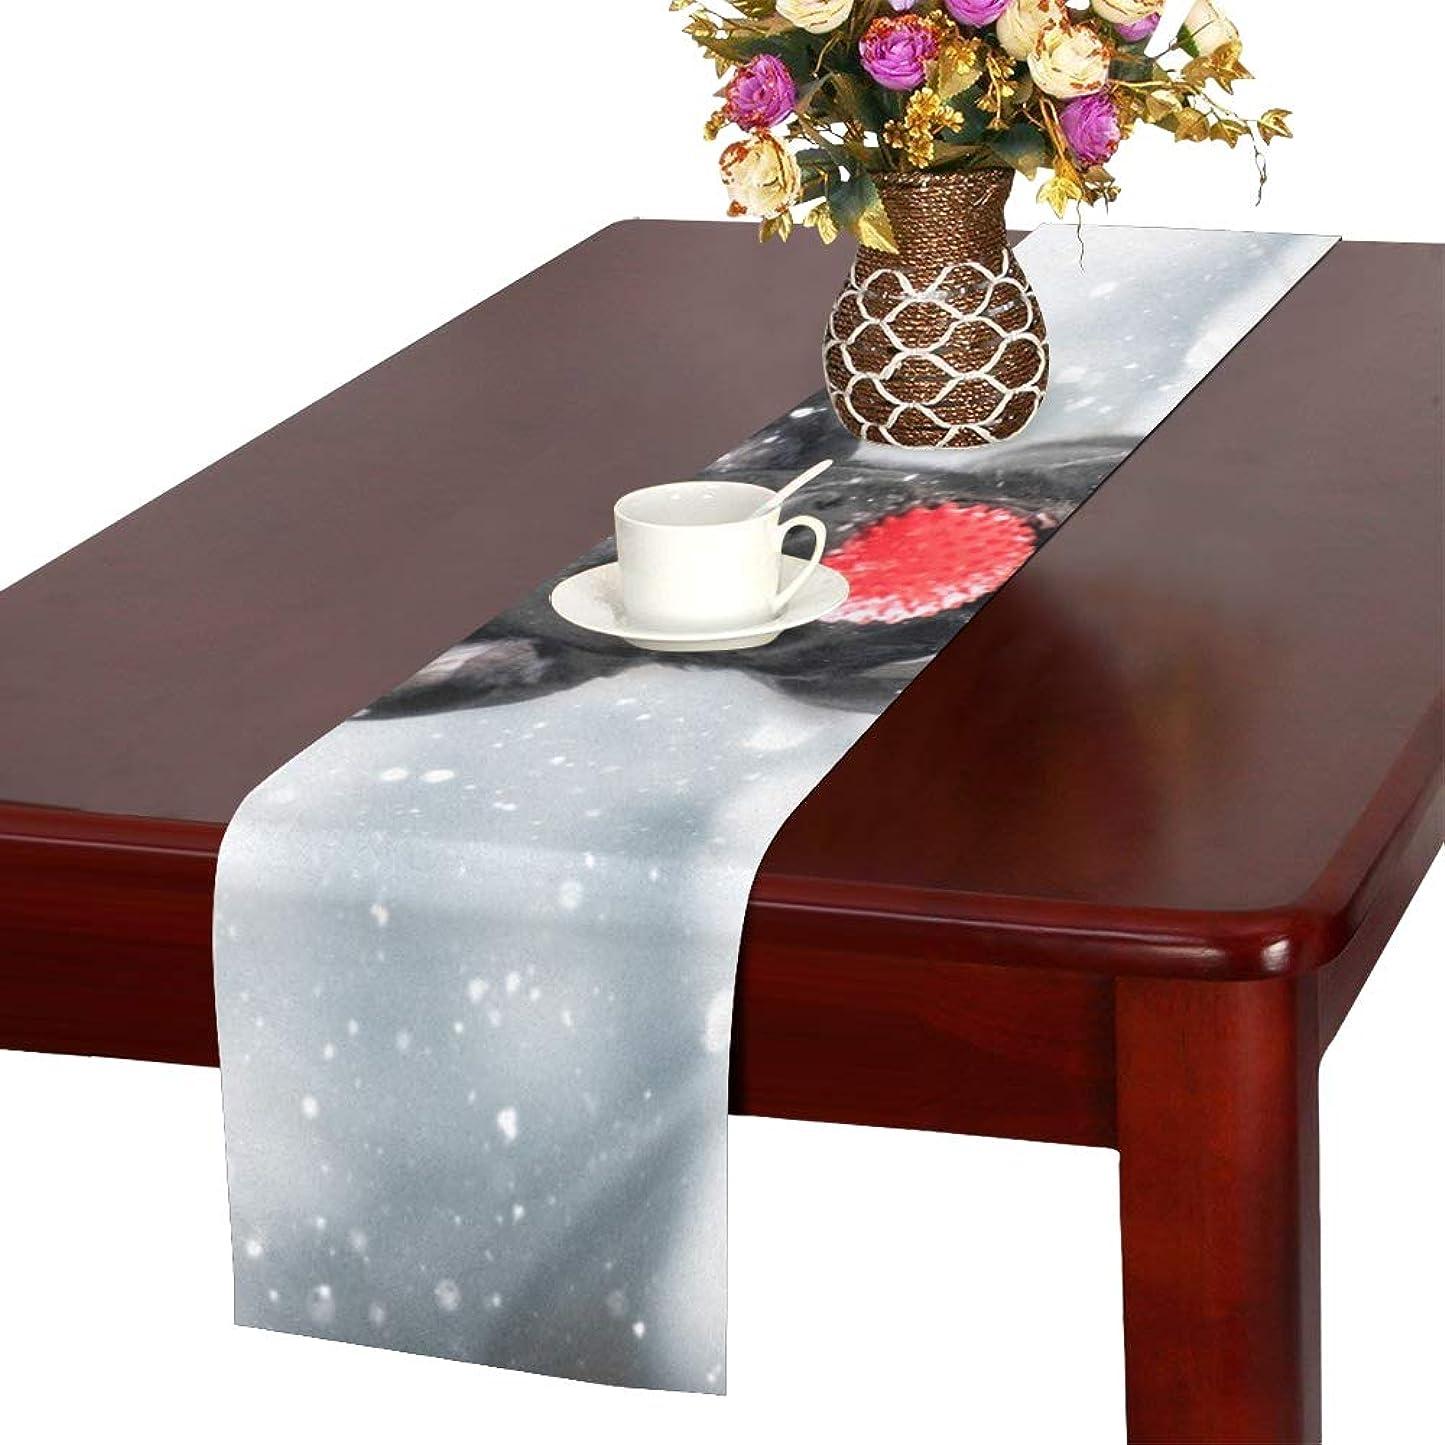 財政カートリッジオデュッセウスLKCDNG テーブルランナー かわいい 雪 犬 クロス 食卓カバー 麻綿製 欧米 おしゃれ 16 Inch X 72 Inch (40cm X 182cm) キッチン ダイニング ホーム デコレーション モダン リビング 洗える